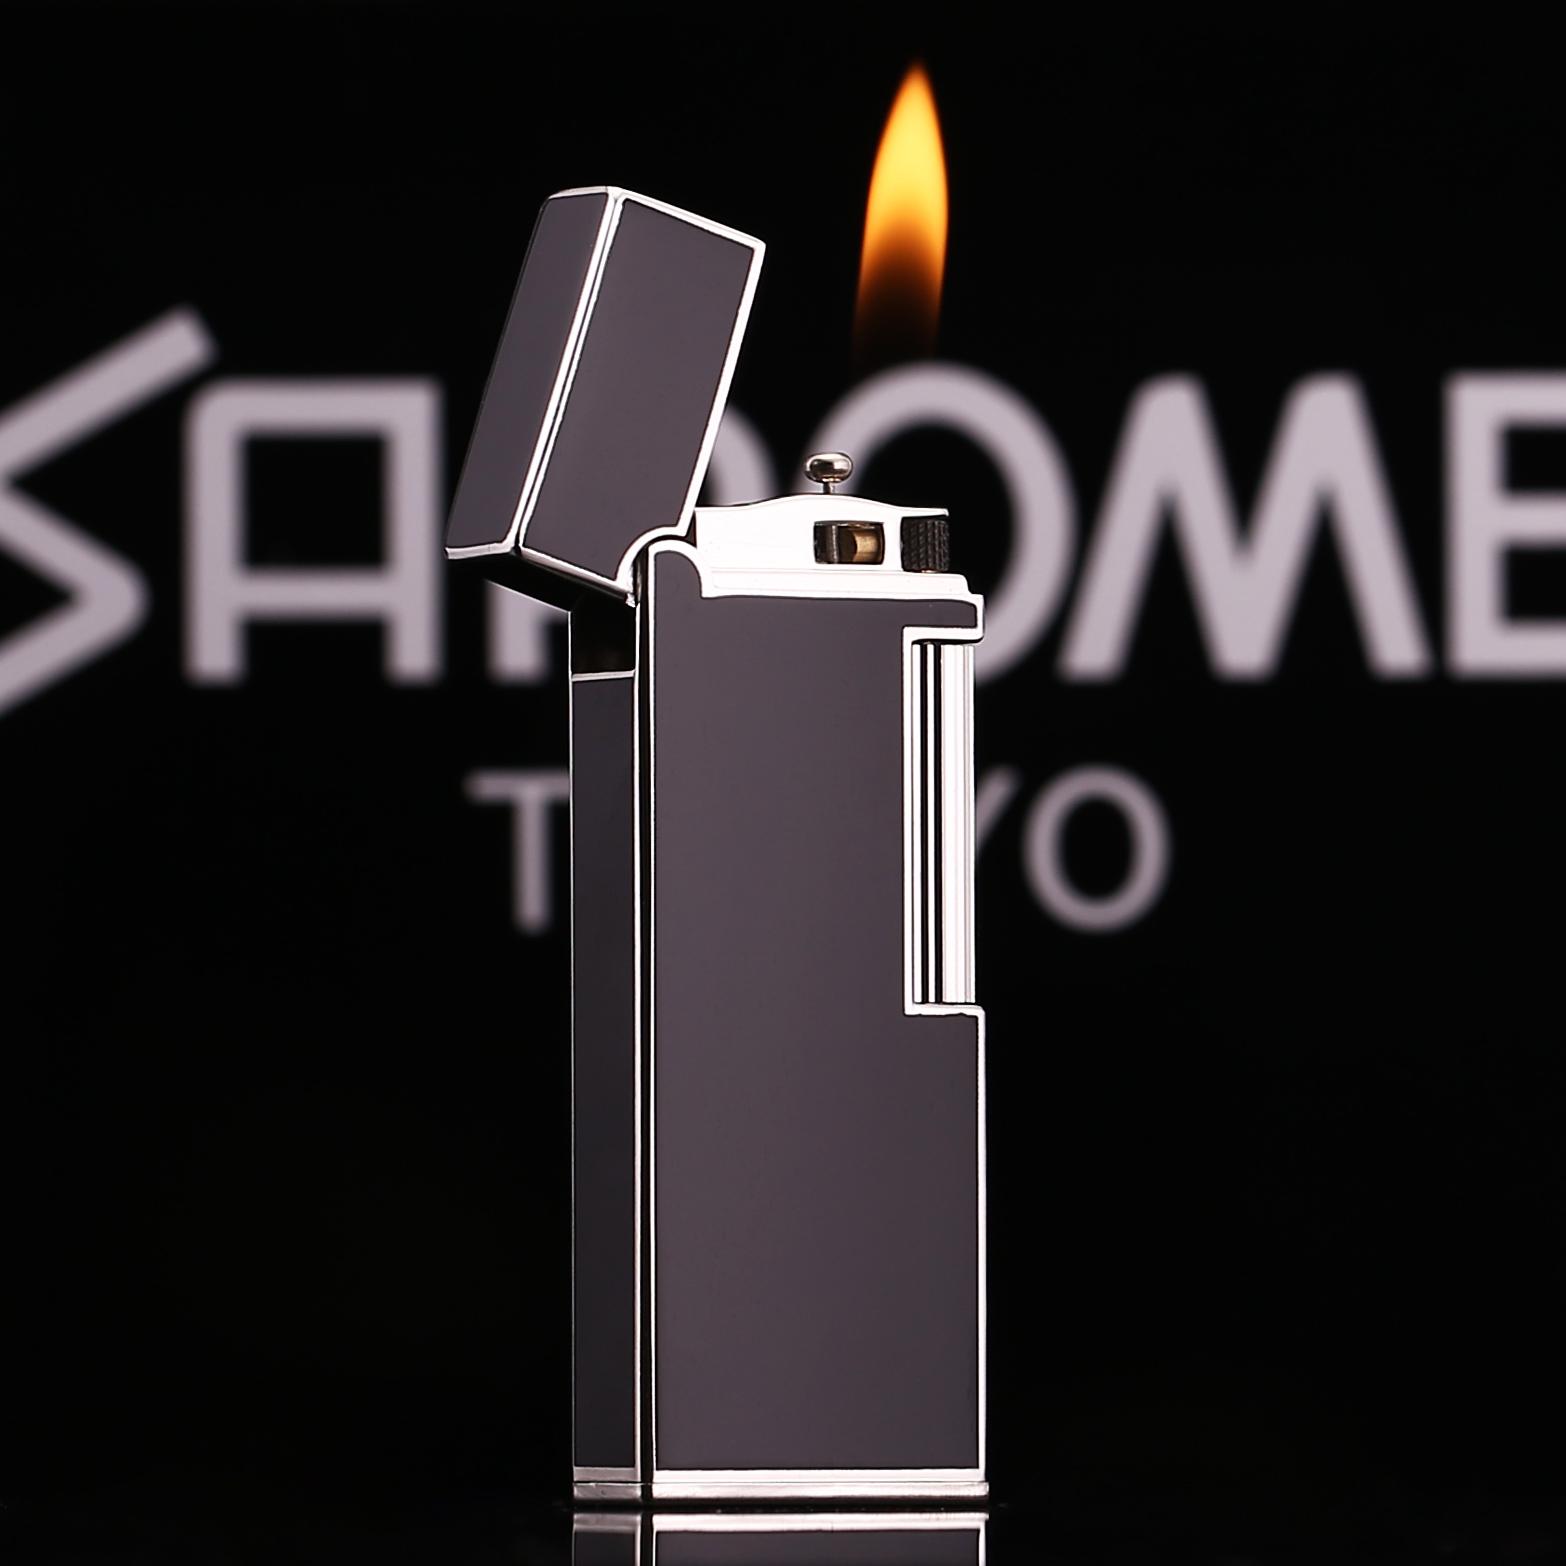 日本沙乐美充气打火机个性侧滑打火机砂轮气体窄版绅士创意打火机